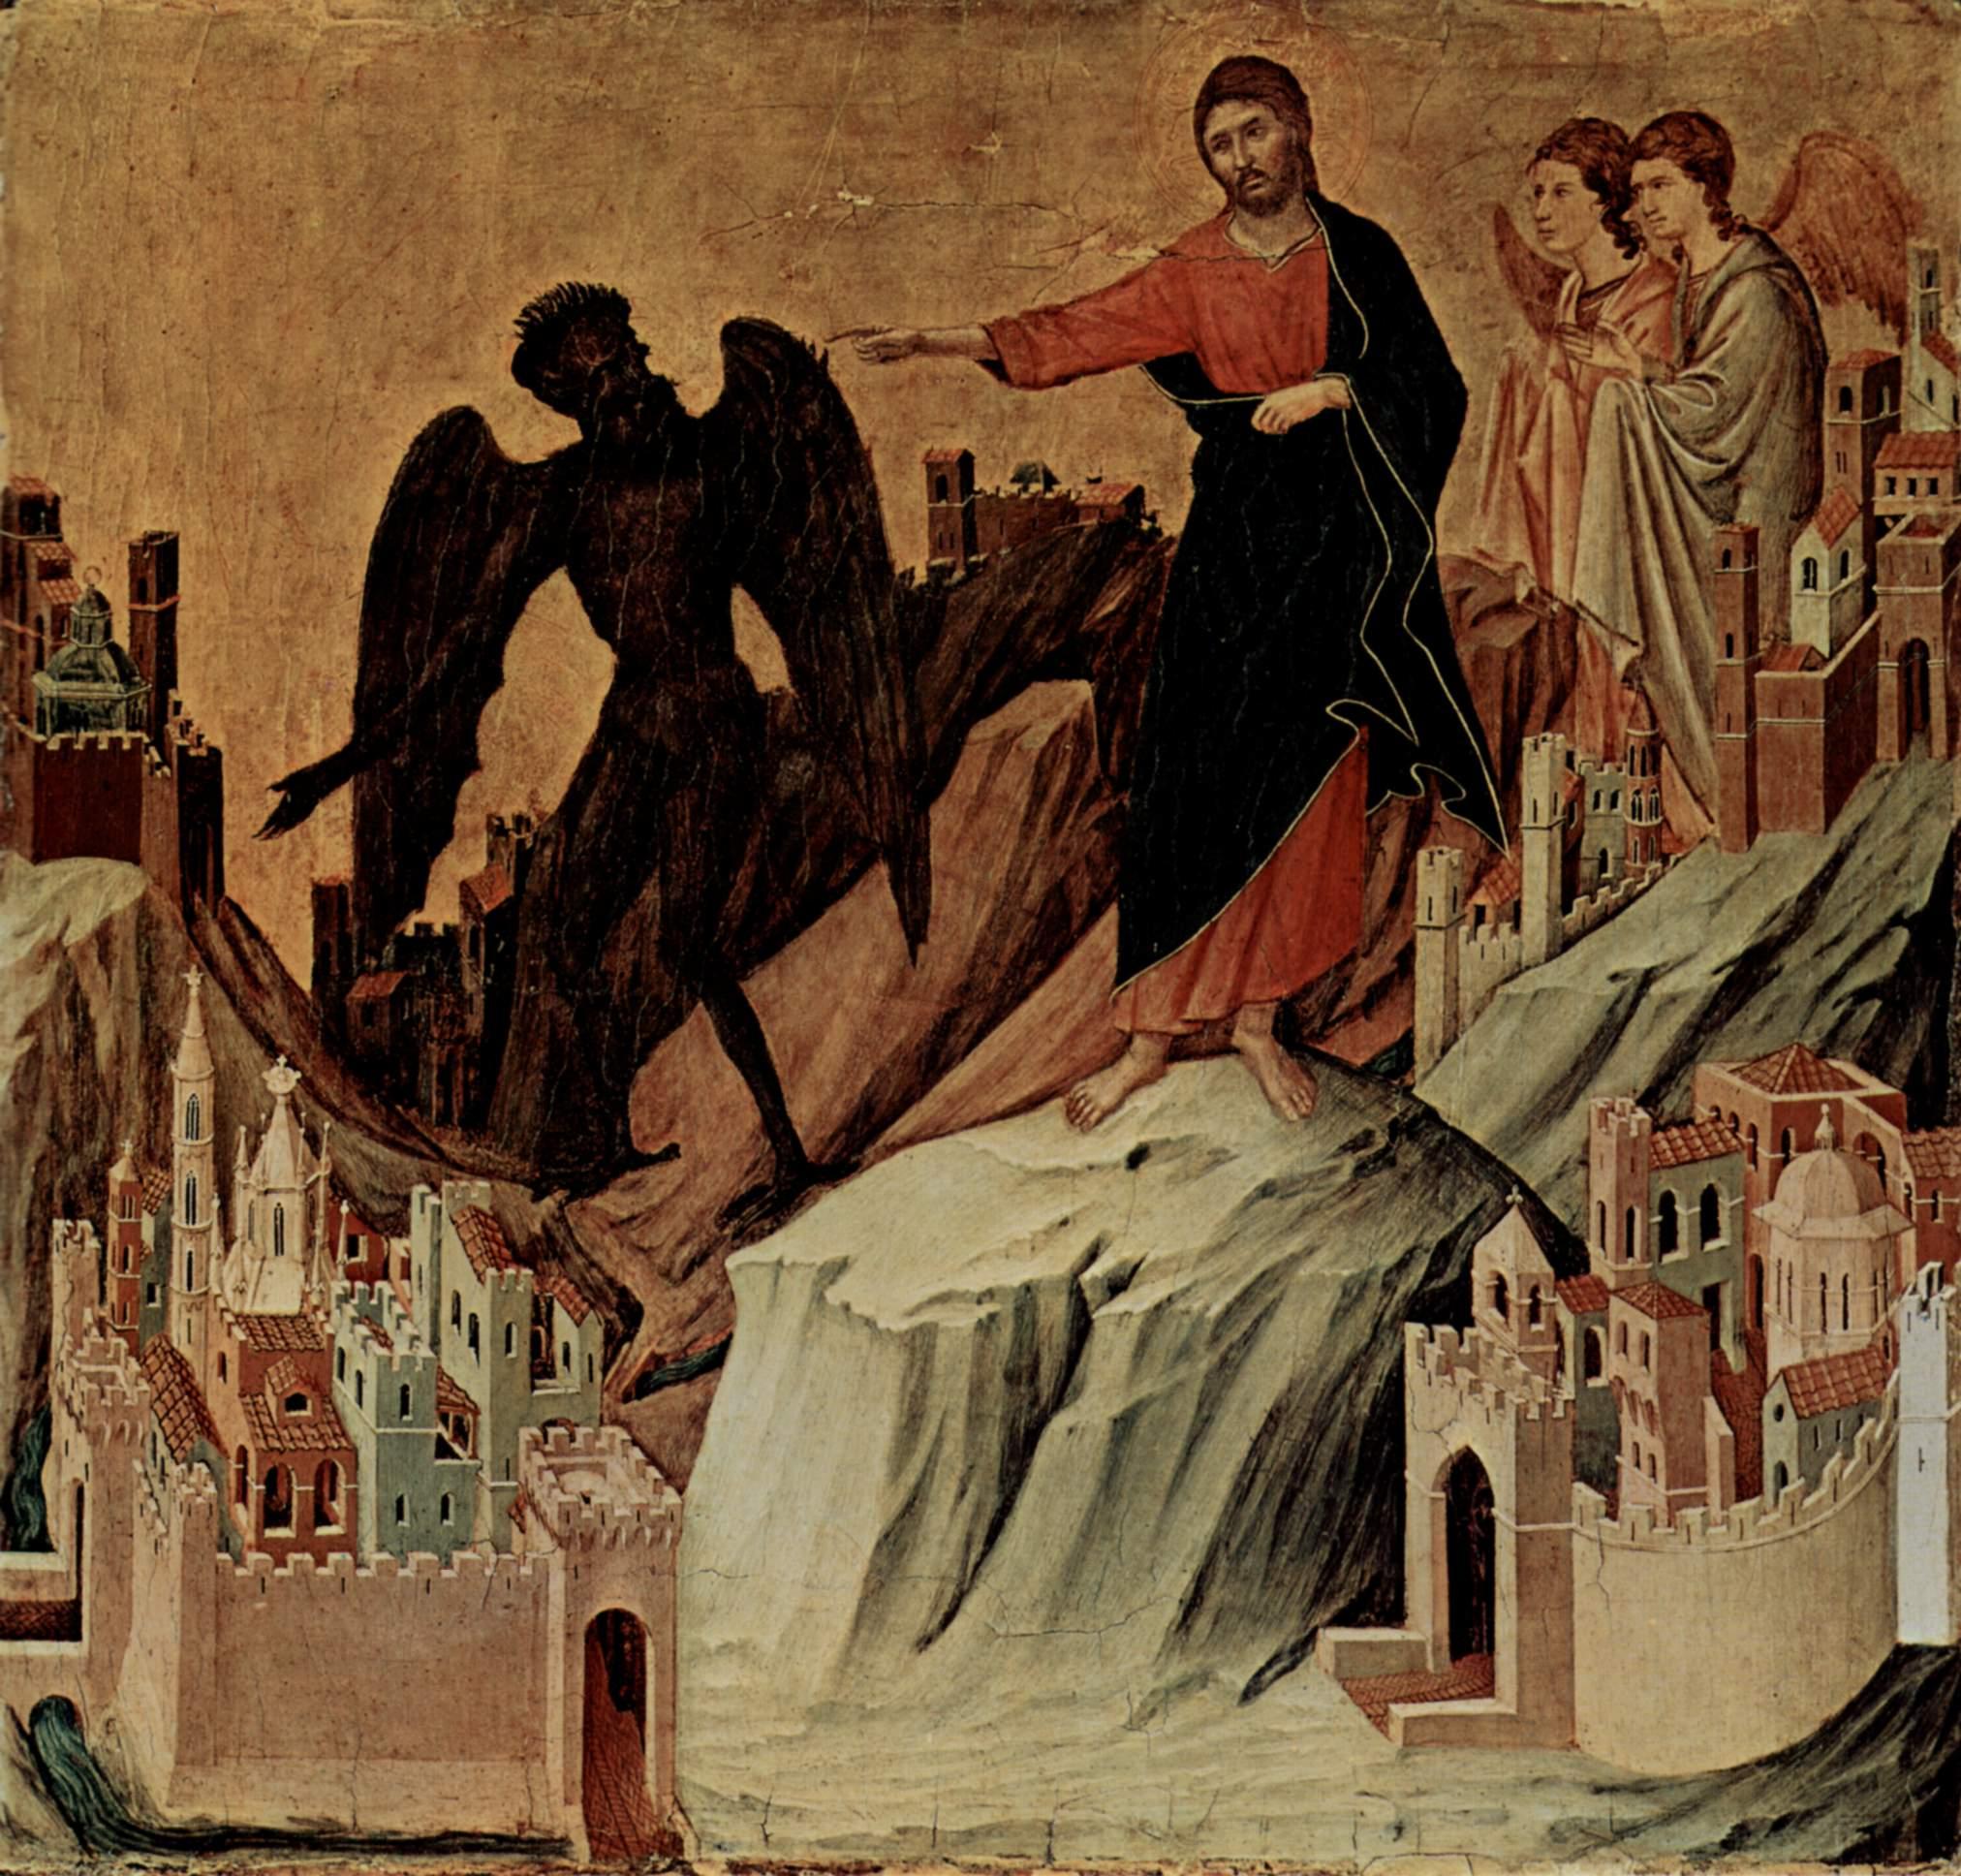 http://upload.wikimedia.org/wikipedia/commons/7/75/Duccio_di_Buoninsegna_040.jpg